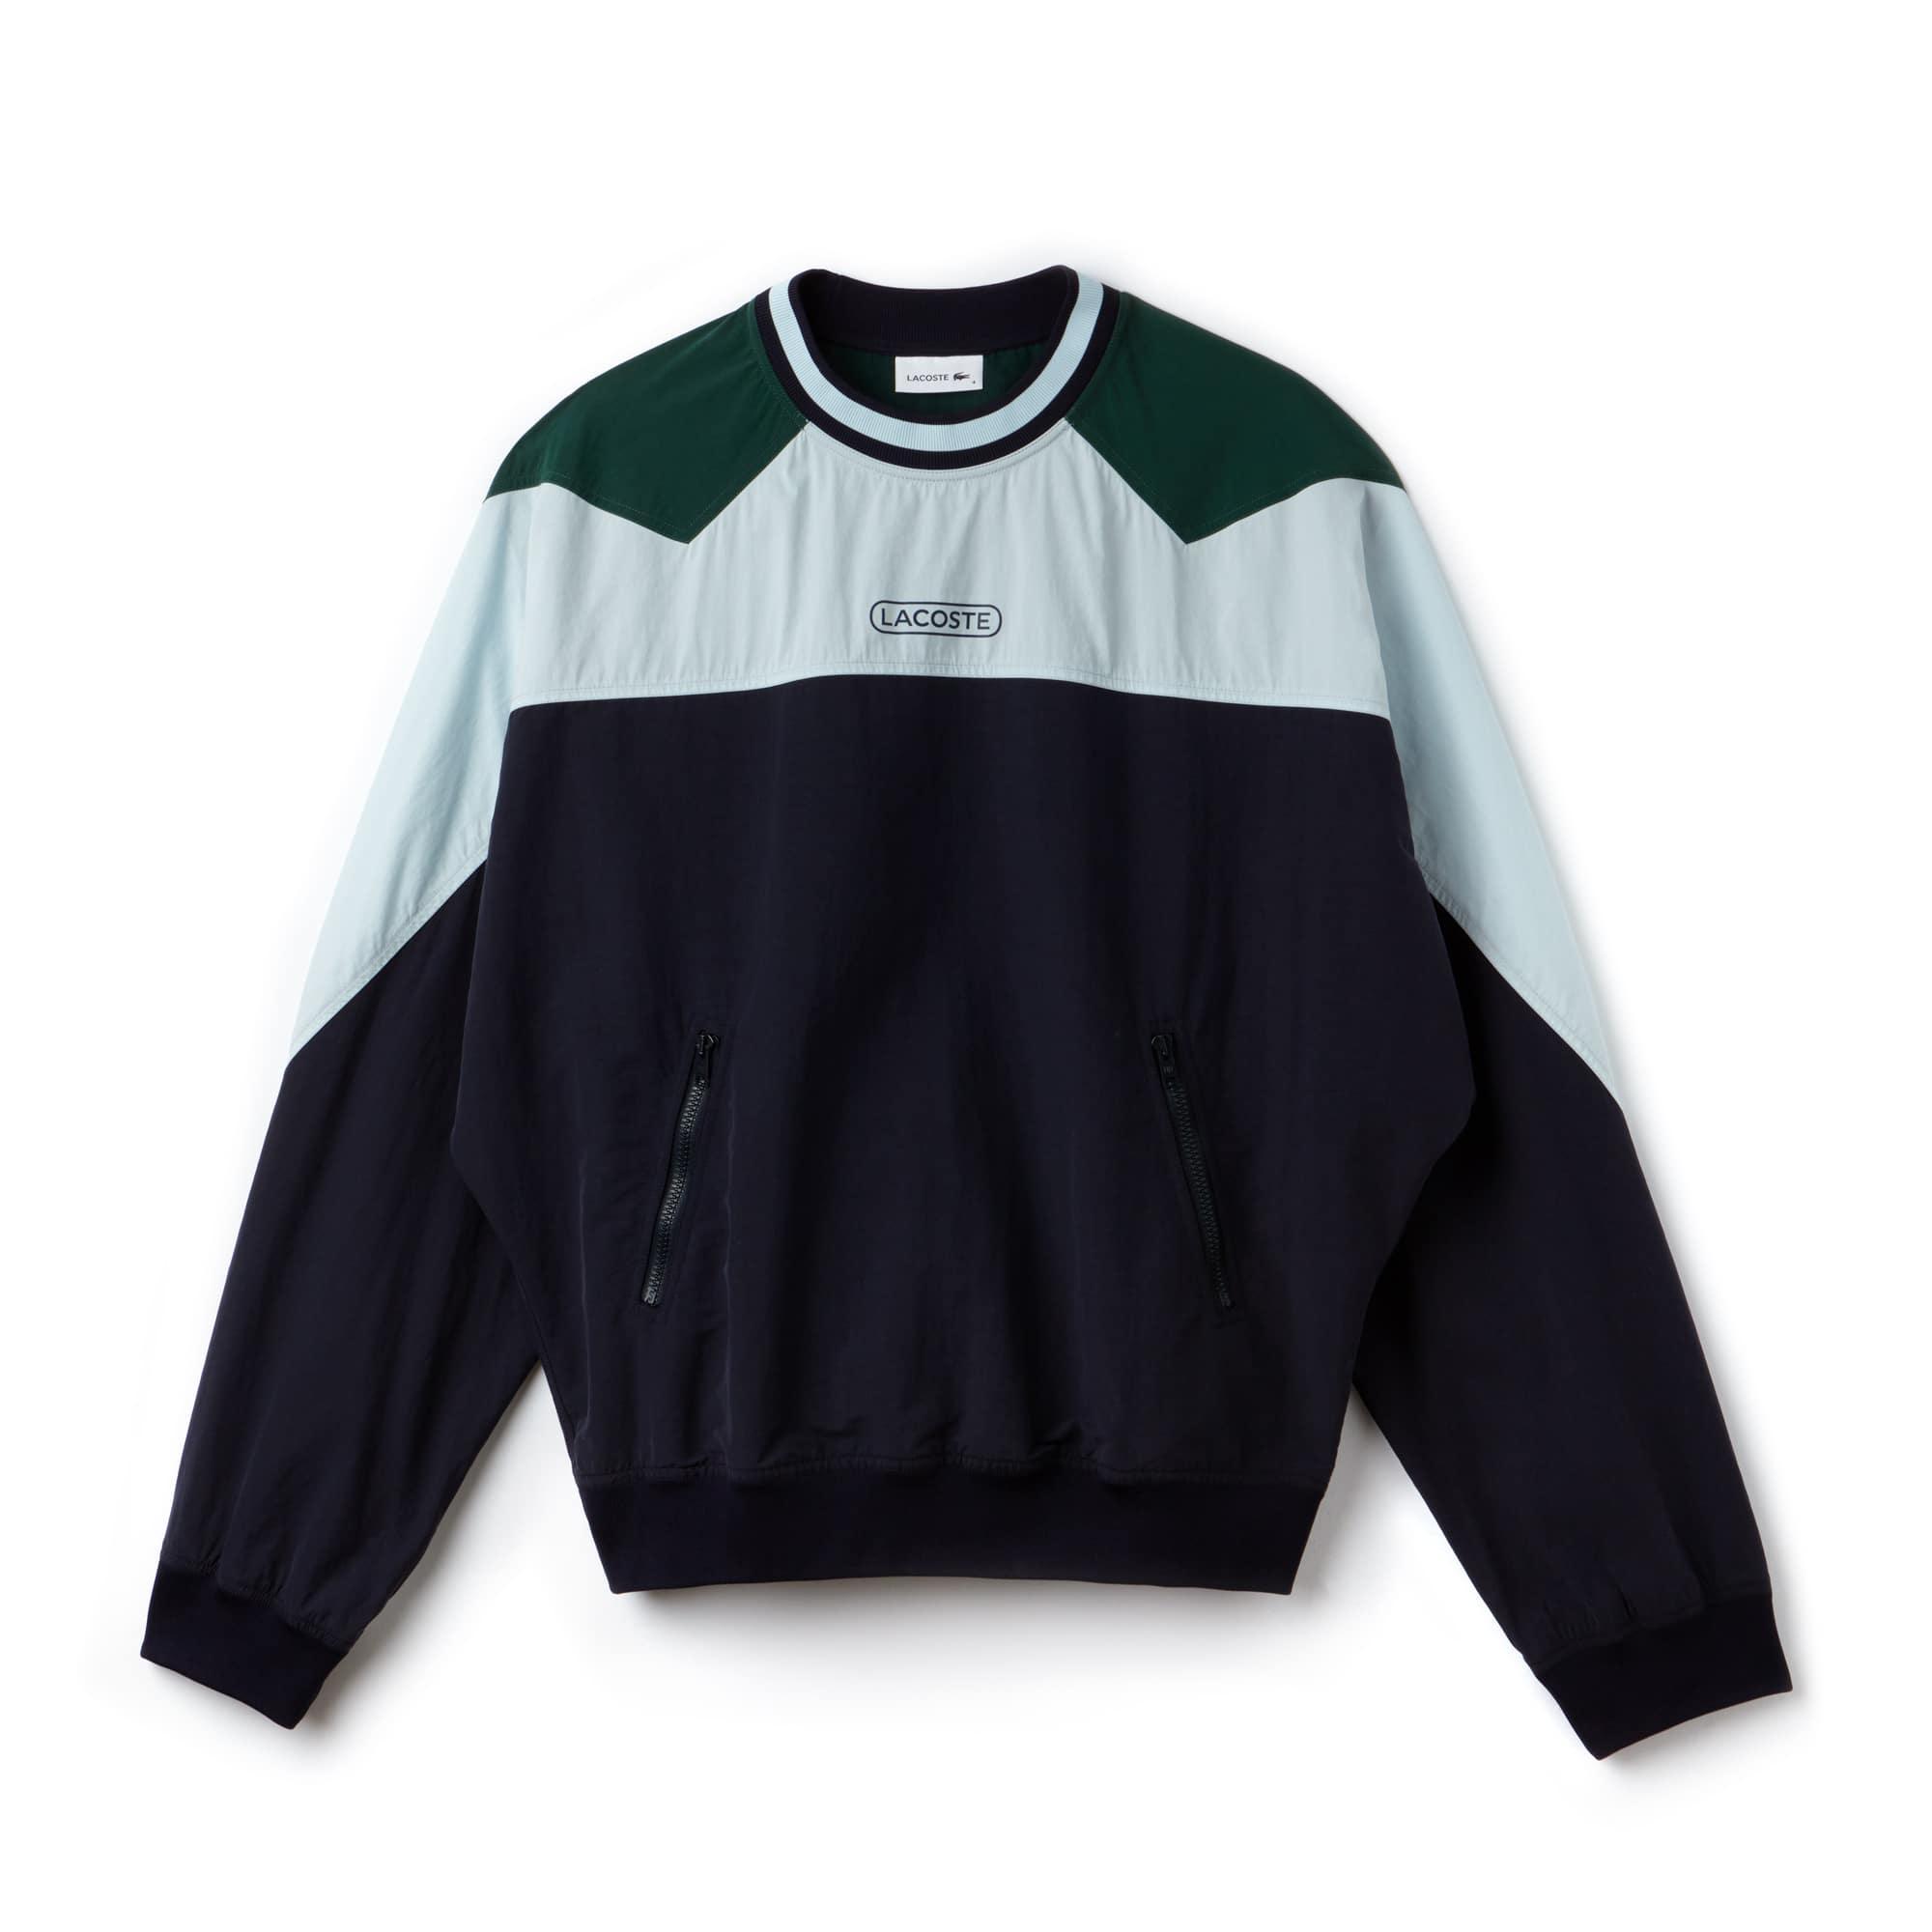 Men's Fashion Show Colorblock Technical Canvas Sweatshirt